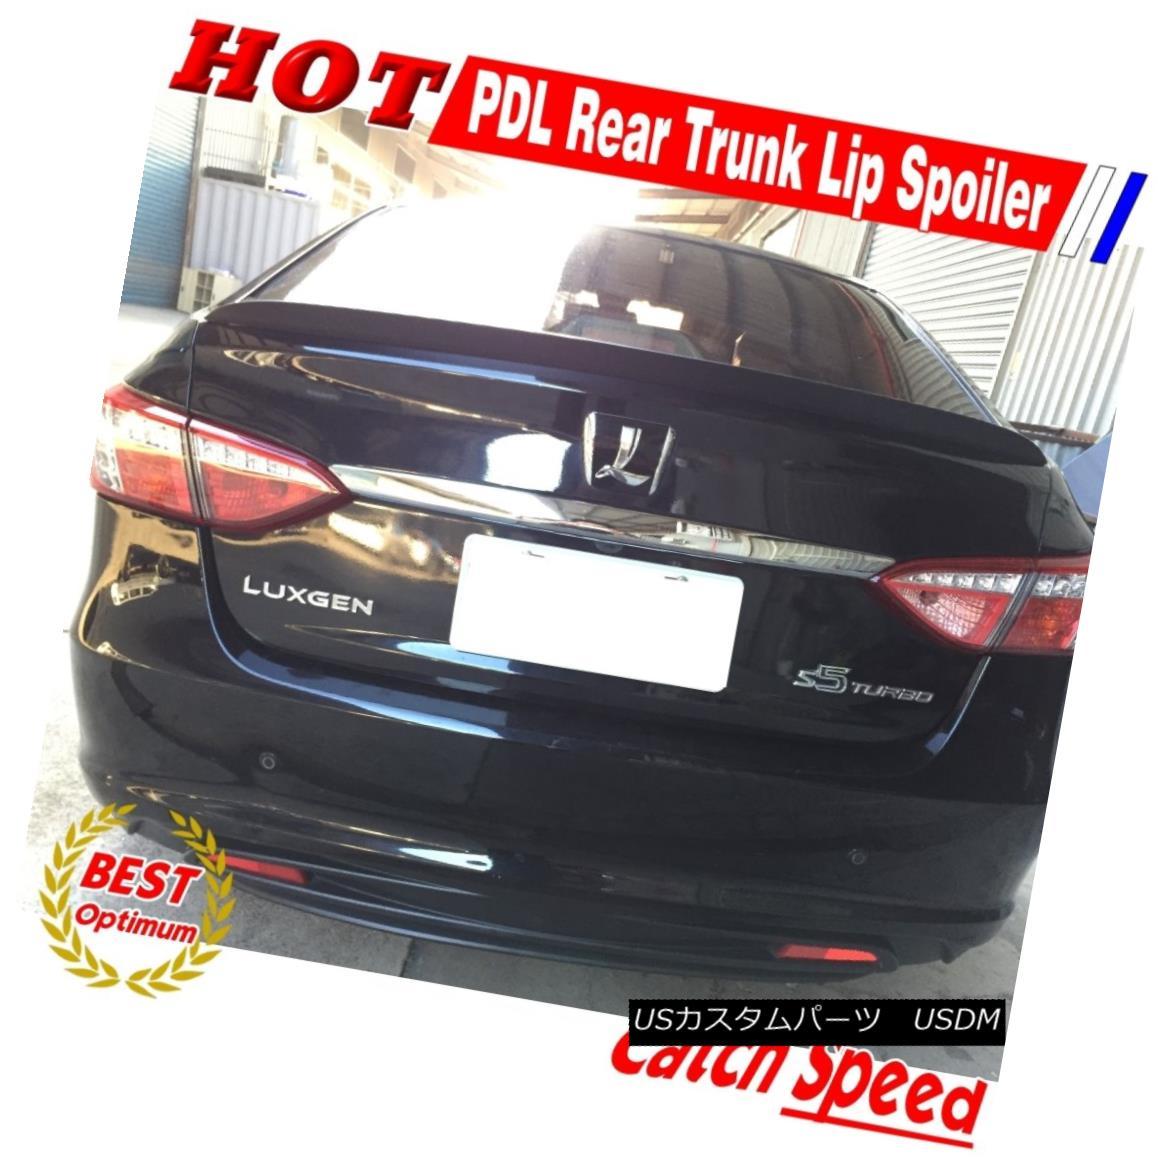 エアロパーツ Painted P Style Rear Trunk Spoiler Wing For Audi A6 C6 2005~2009 Sedan ペイントされたPスタイルのリアトランク・スポイラー・ウィングfor Audi A6 C6 2005?2009セダン